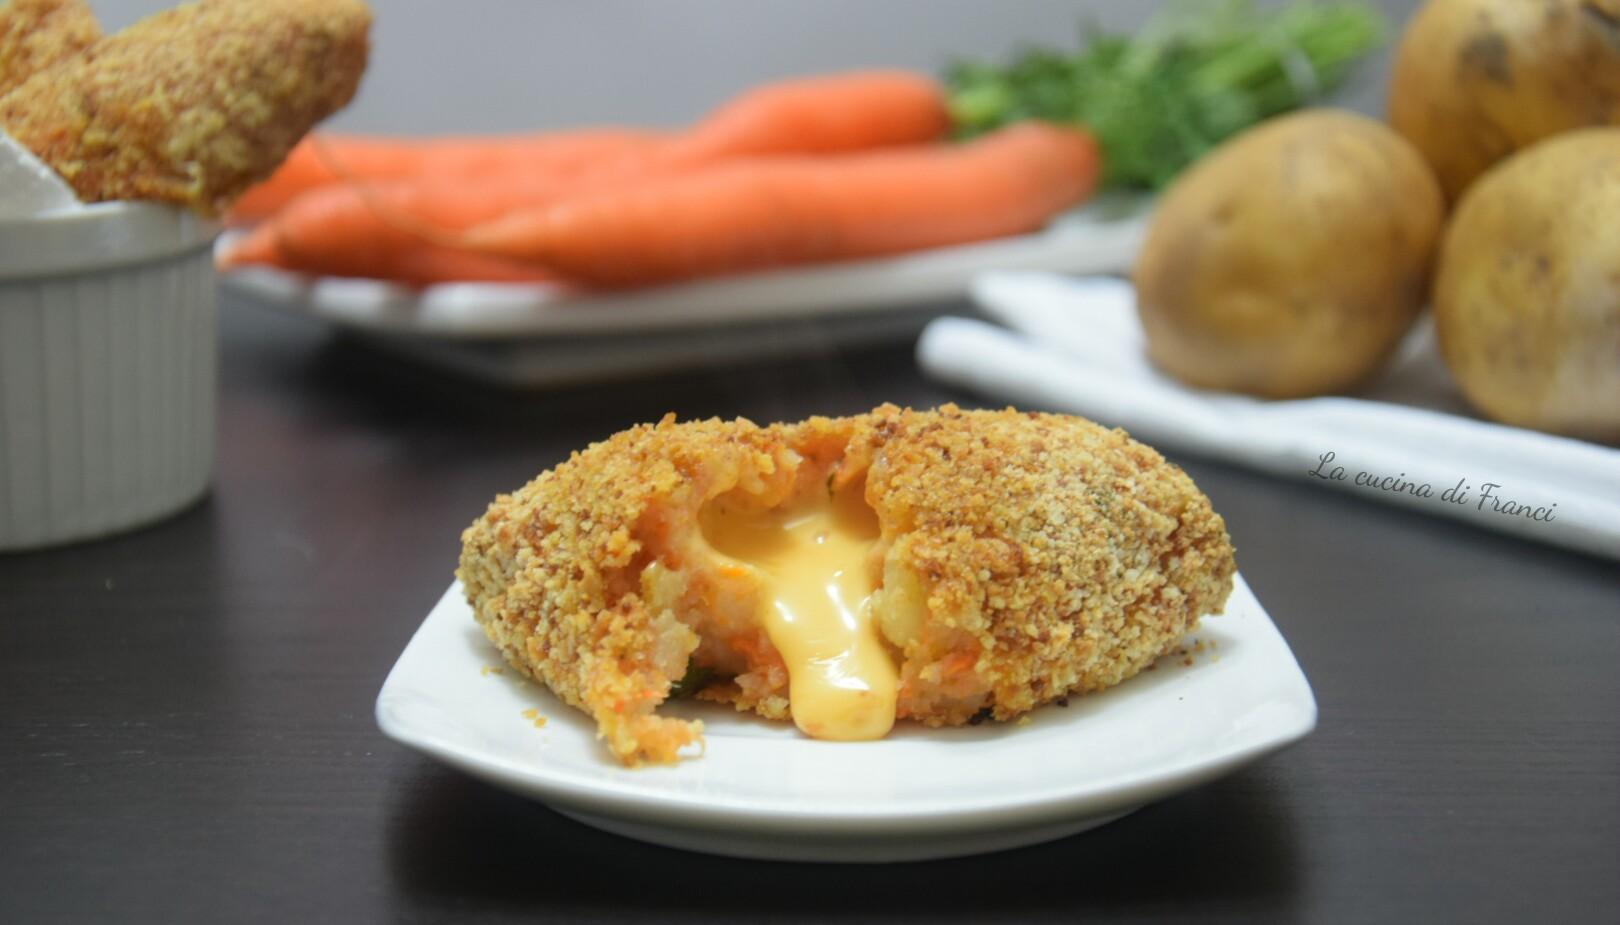 Crocchette patate e carote filanti 7